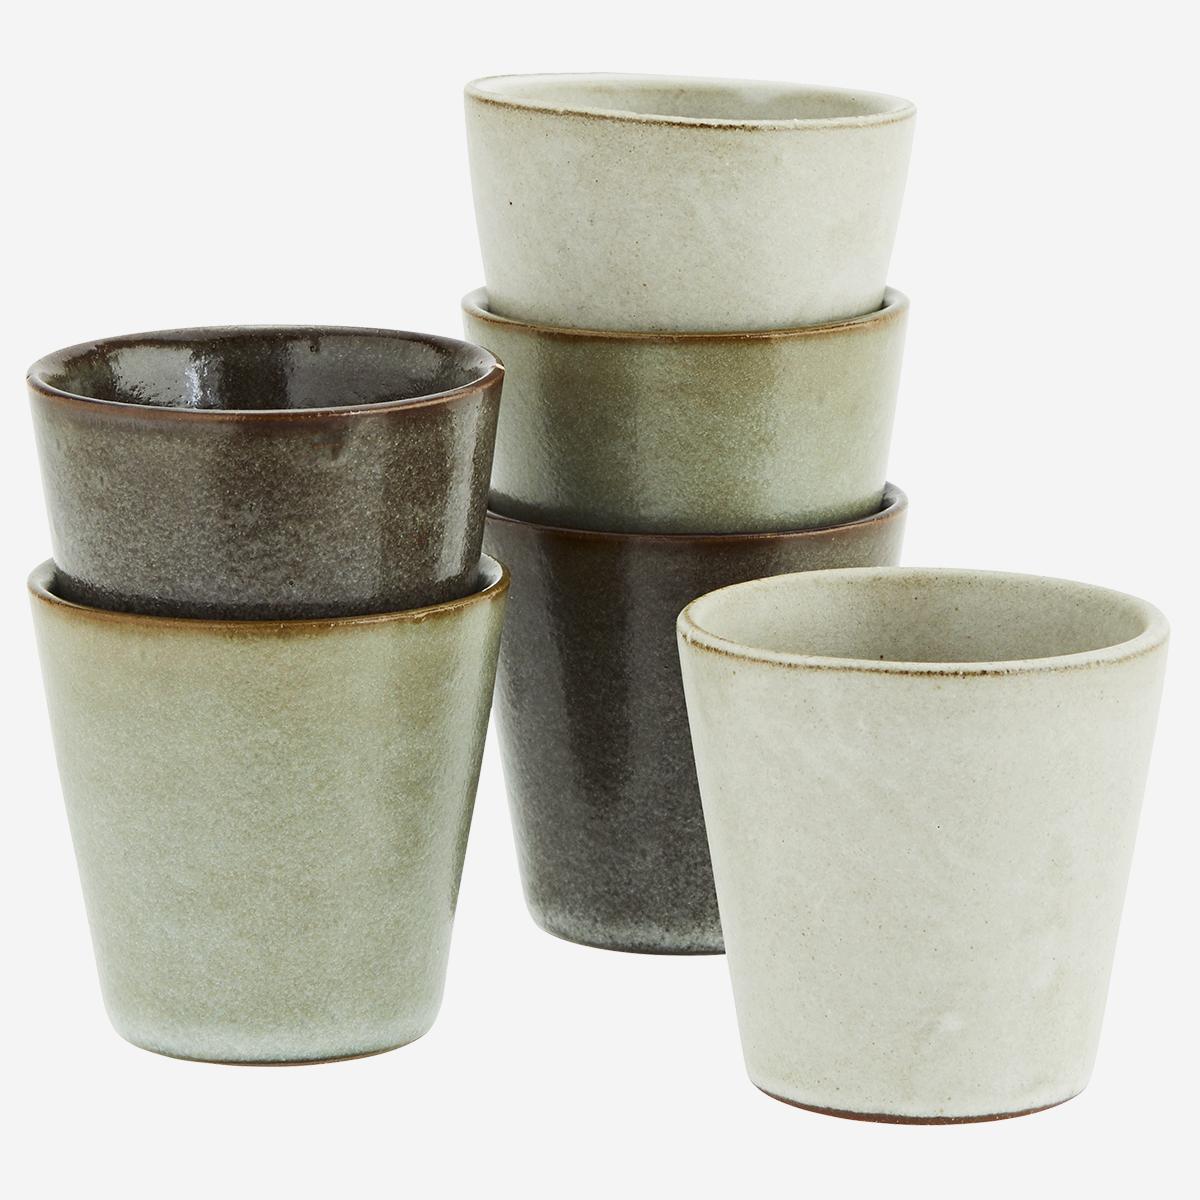 Petite tasse à thé en céramique émaillée - divers tons * Madam Stoltz